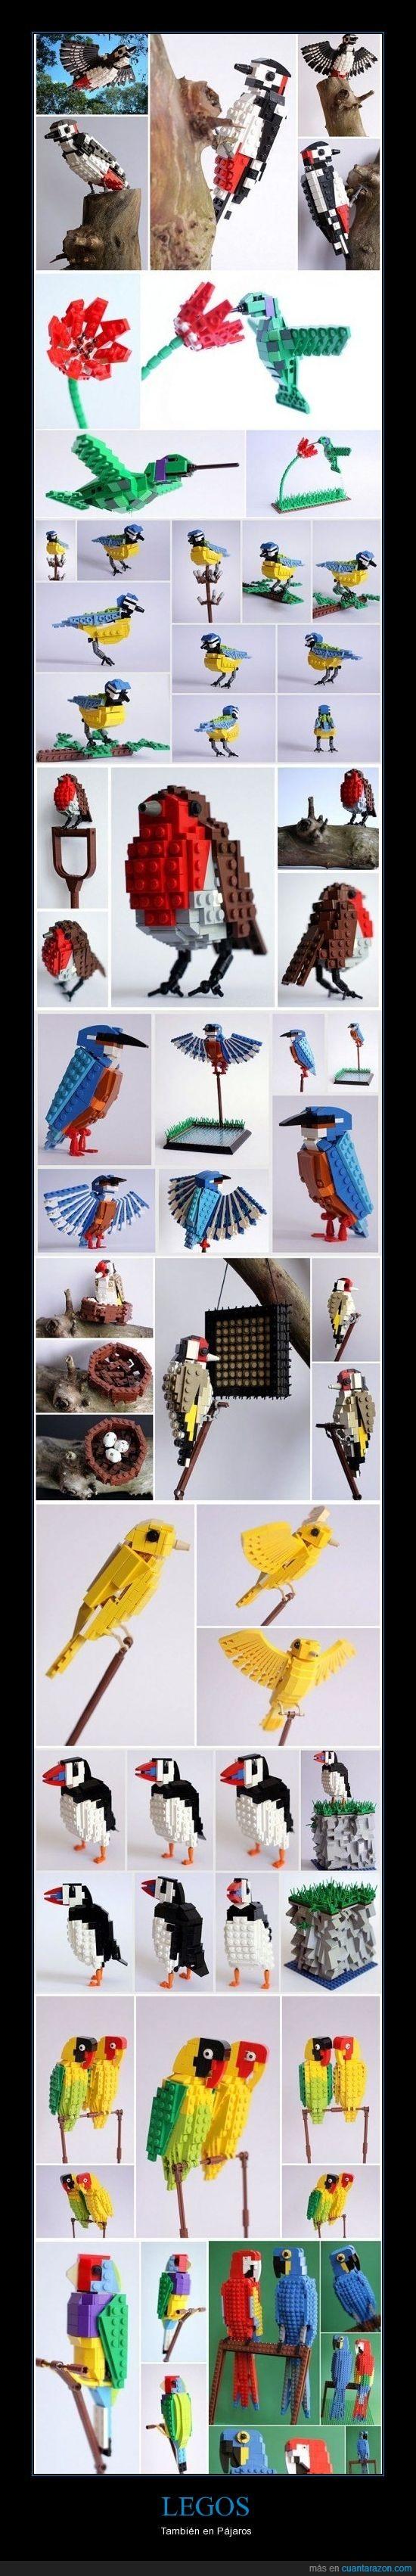 carpintero,colibri,lego,loro,pajaro,petirrojo